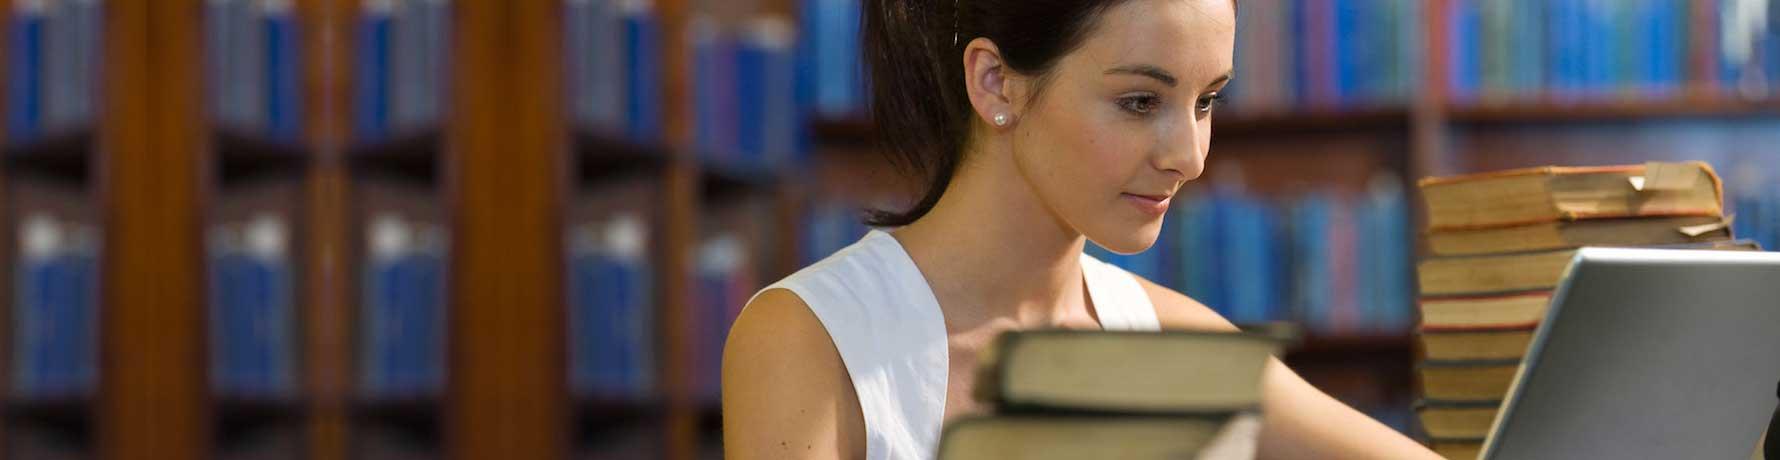 Come rinnovare il visto Studente in Australia